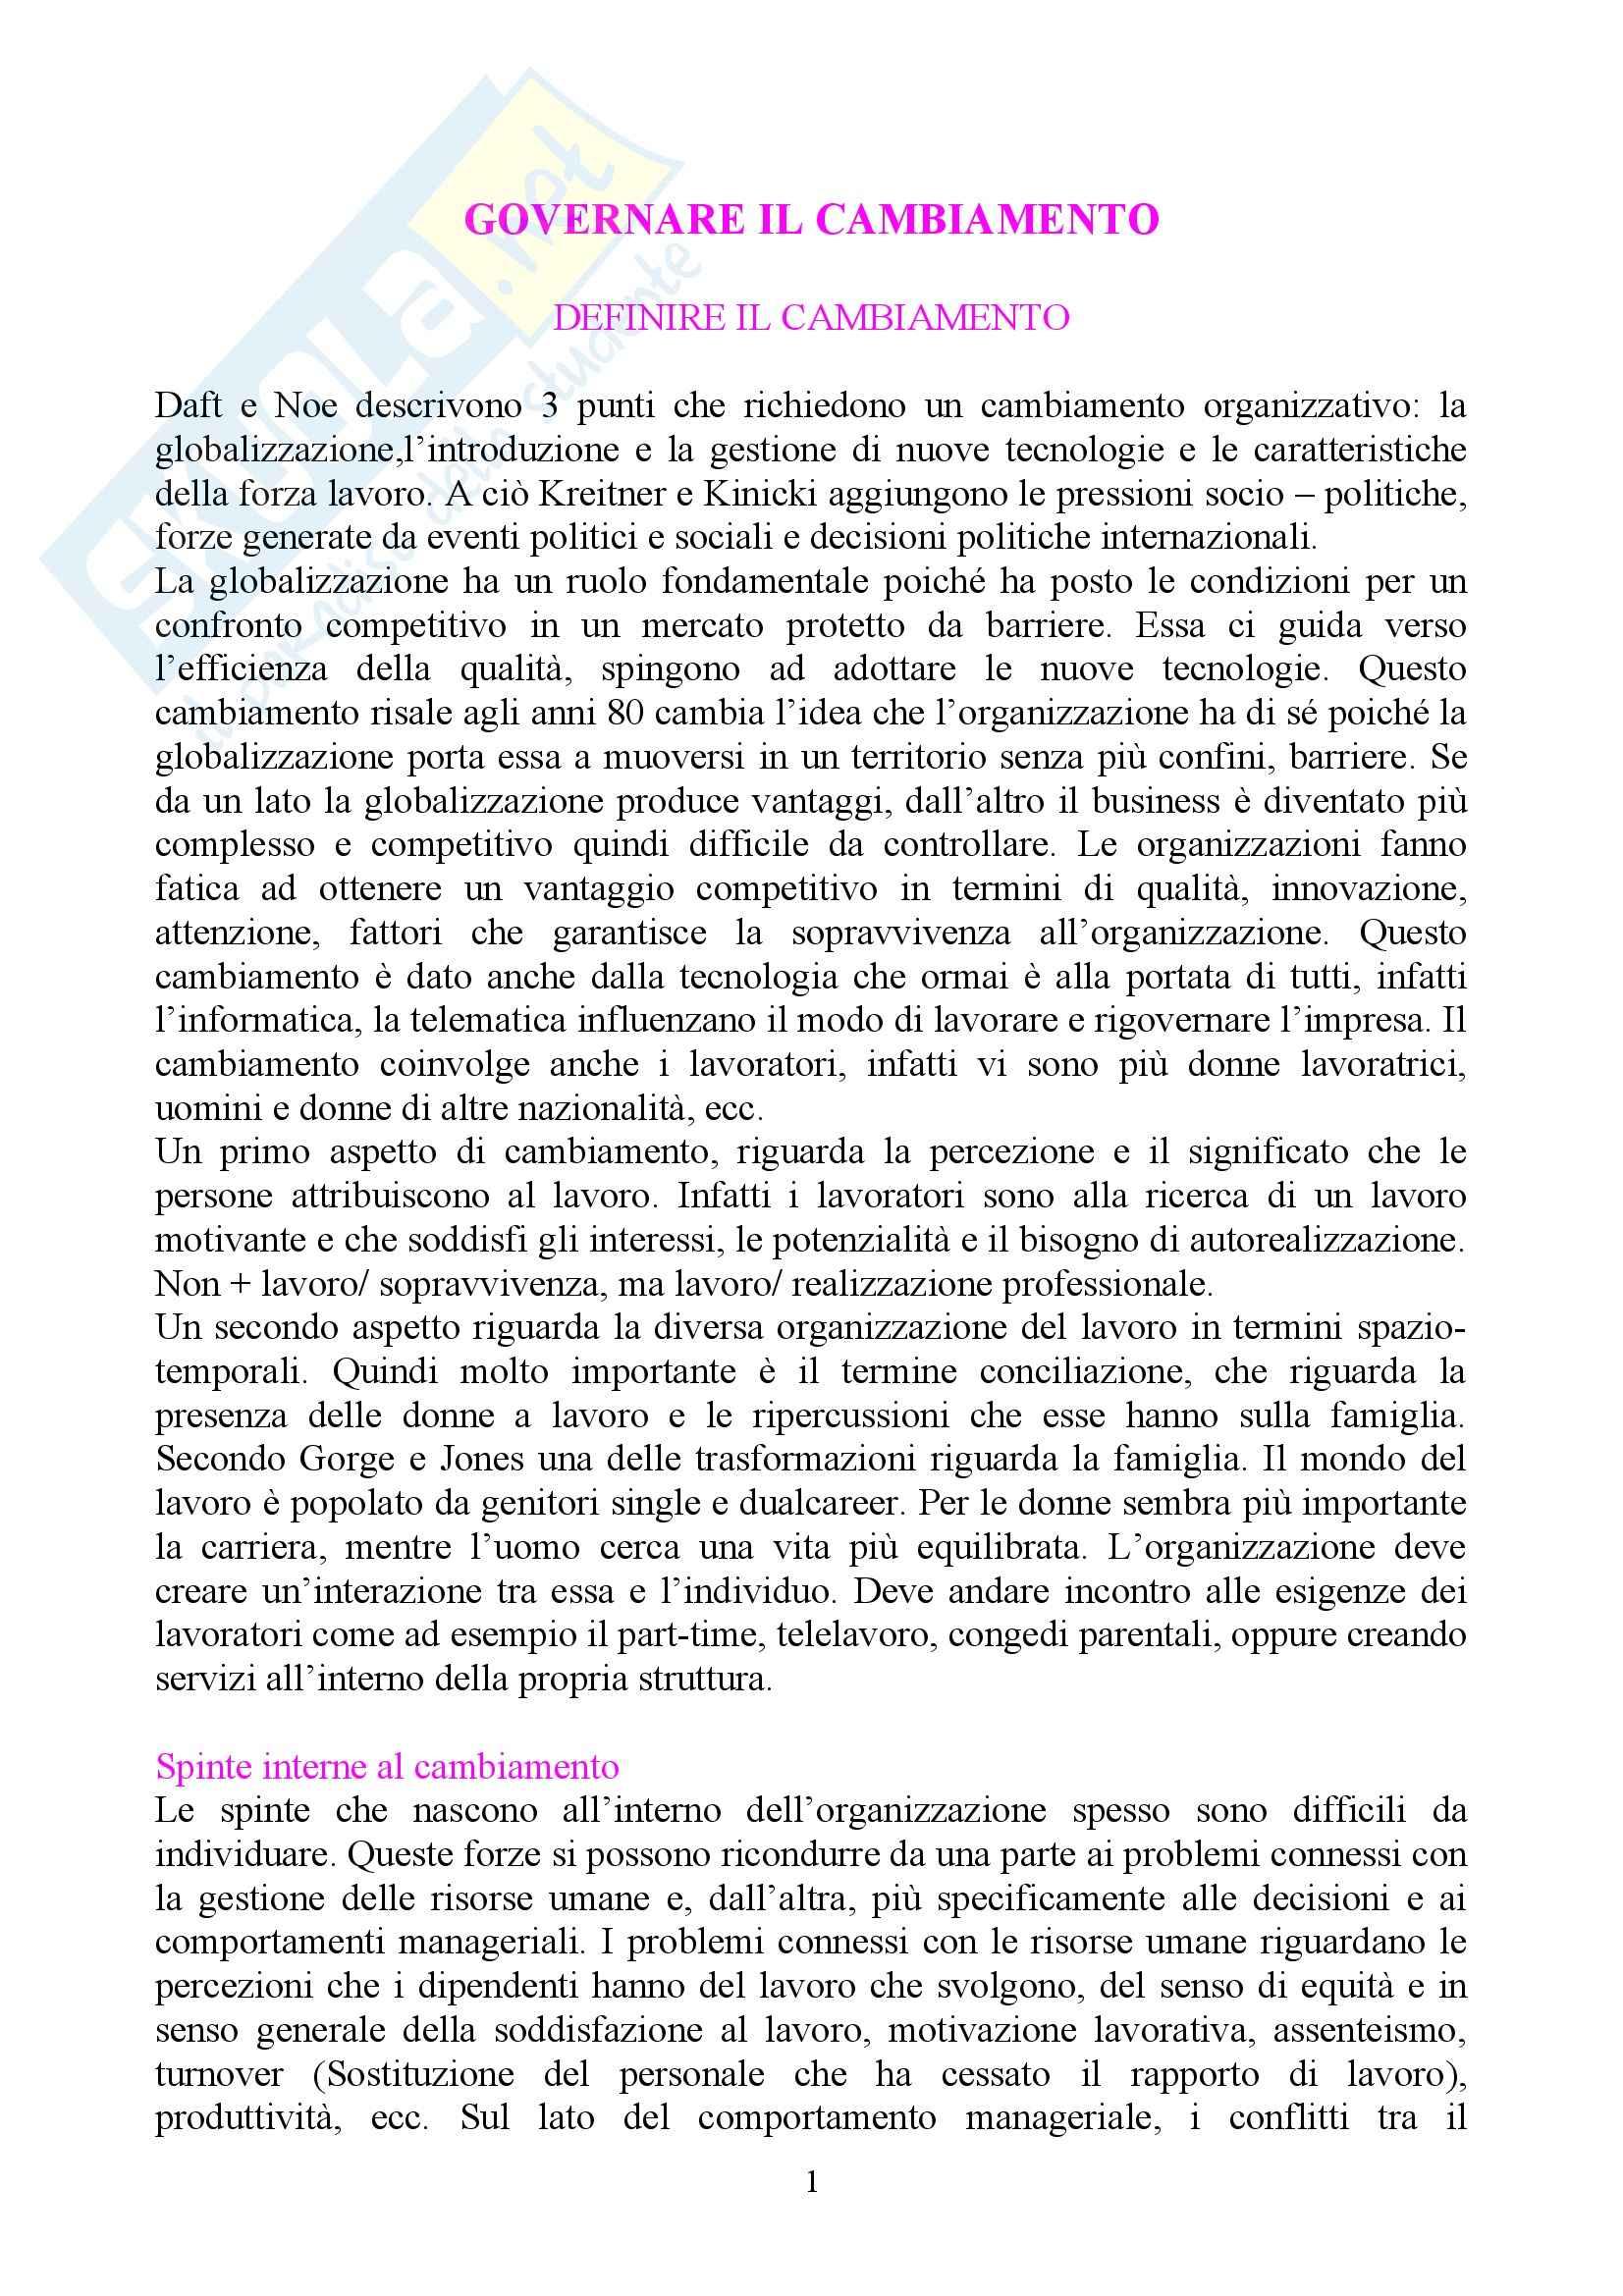 Governare il cambiamento, Piccardo, Colombo - Appunti